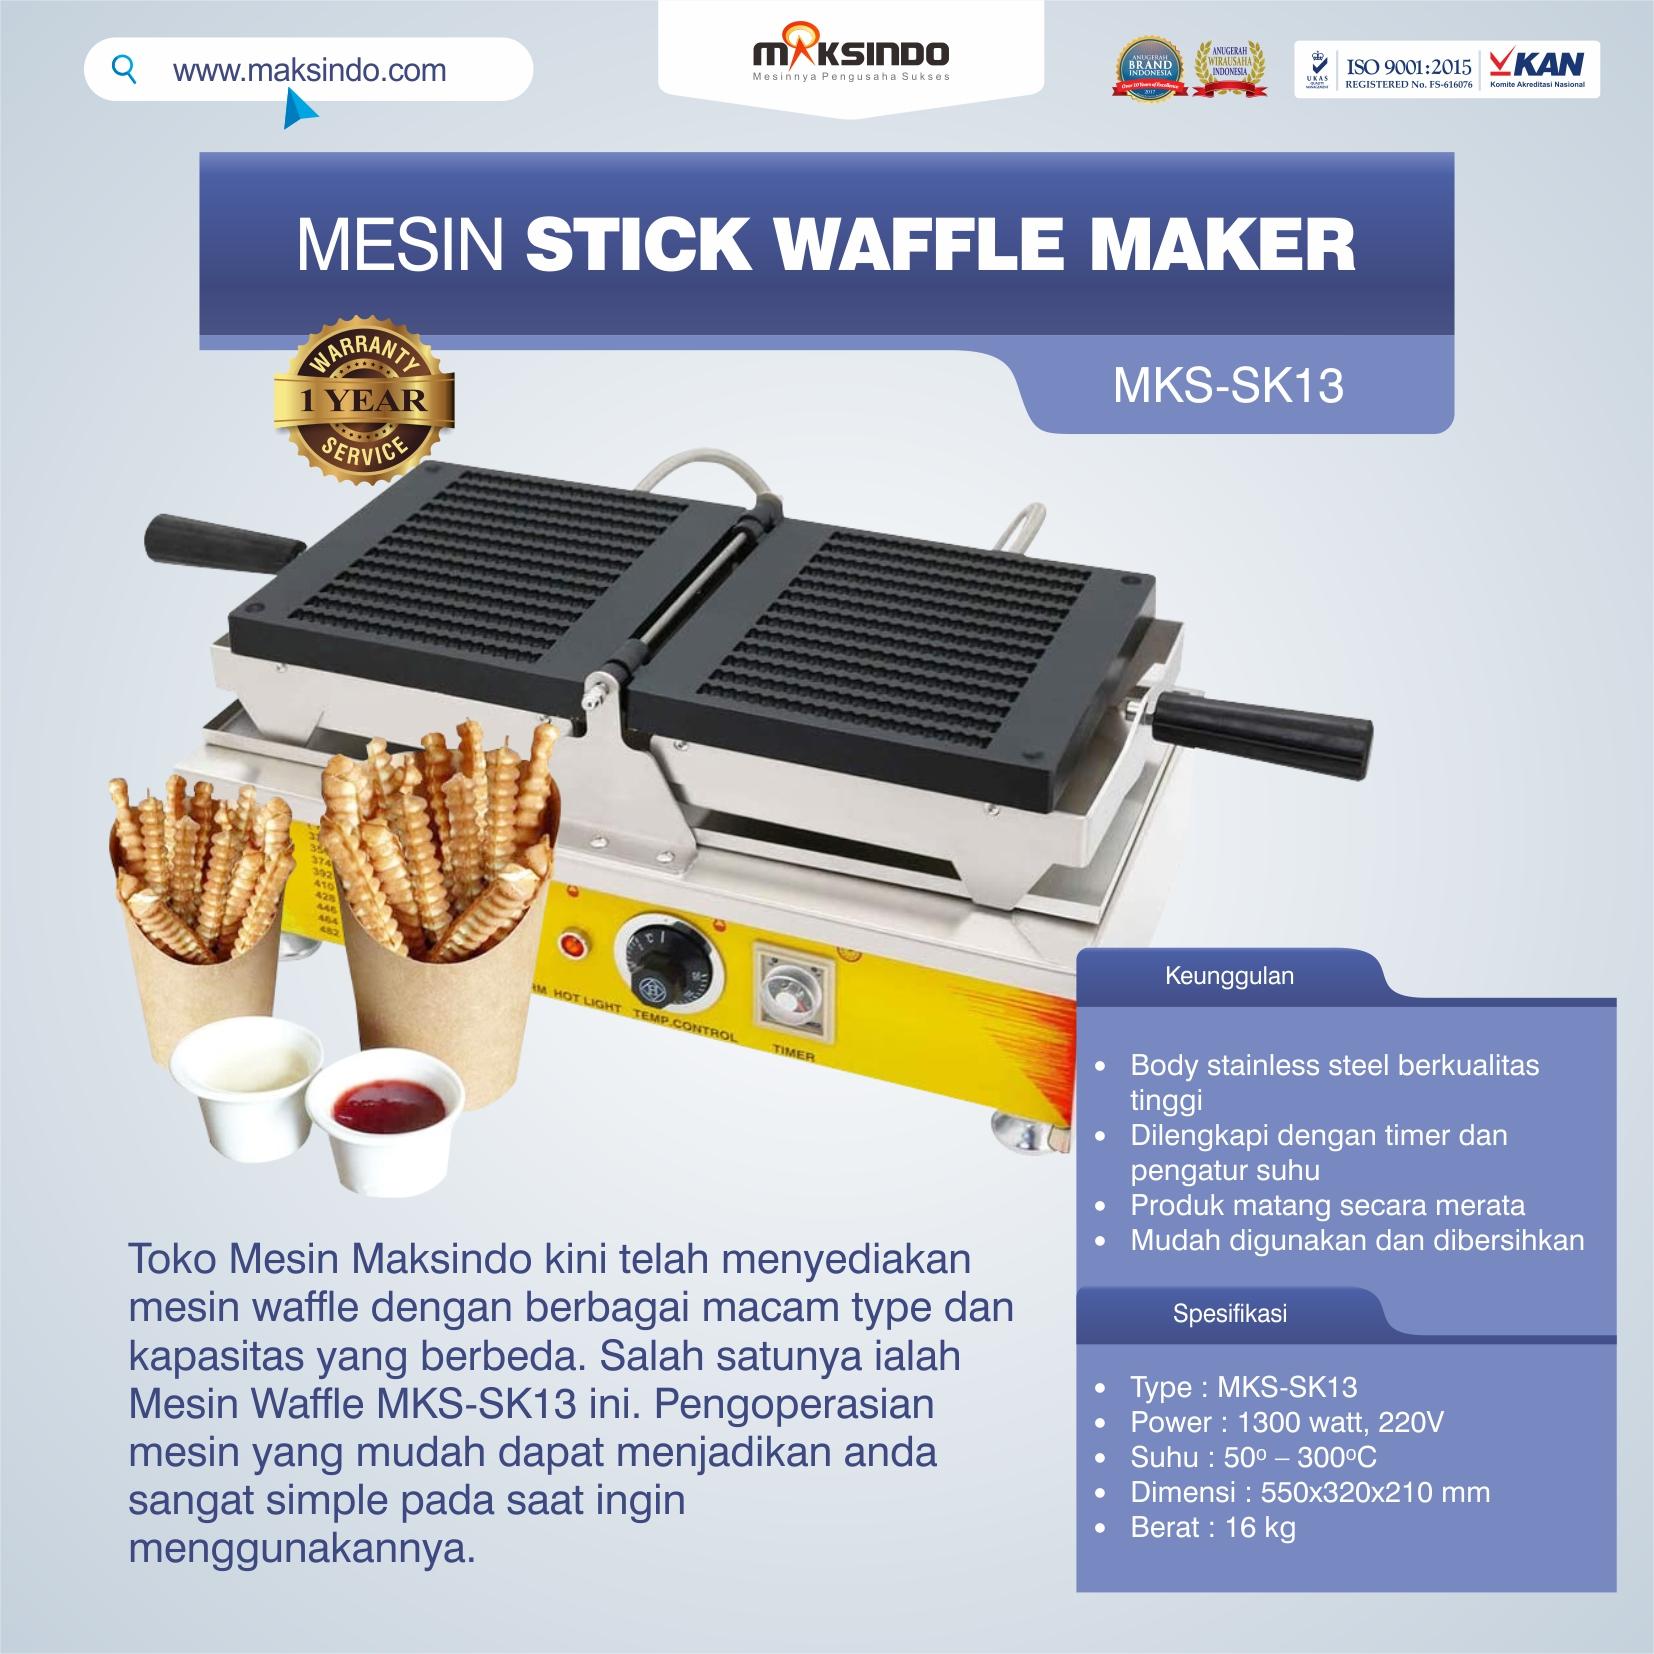 Jual Mesin Stick Waffle Maker MKS-SK13 di Tangerang